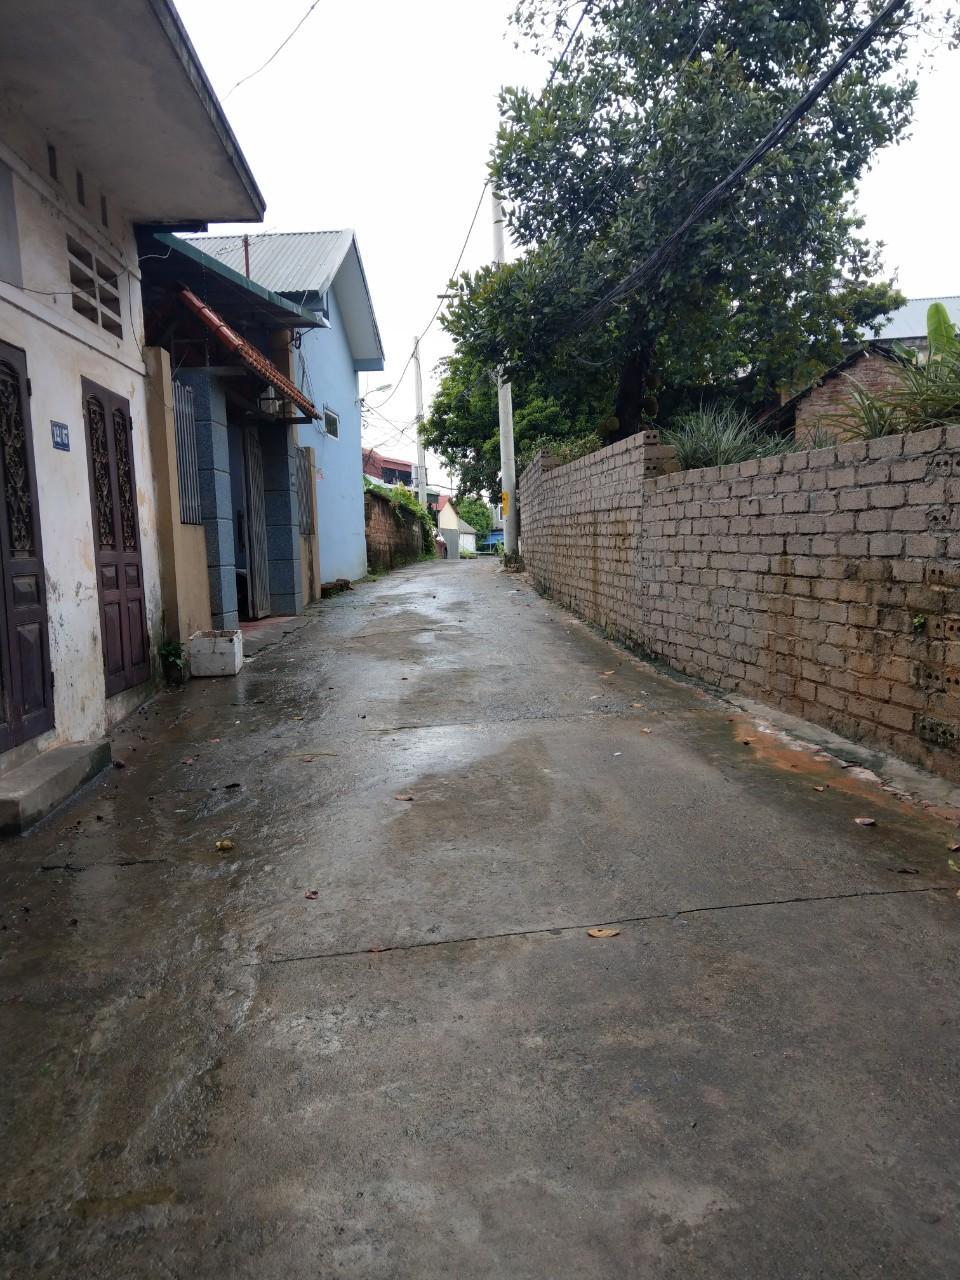 Cần bán đất sổ đỏ chính chủ ở Ngõ 2 Chùa Thông, thị xã Sơn Tây, Hà Nội